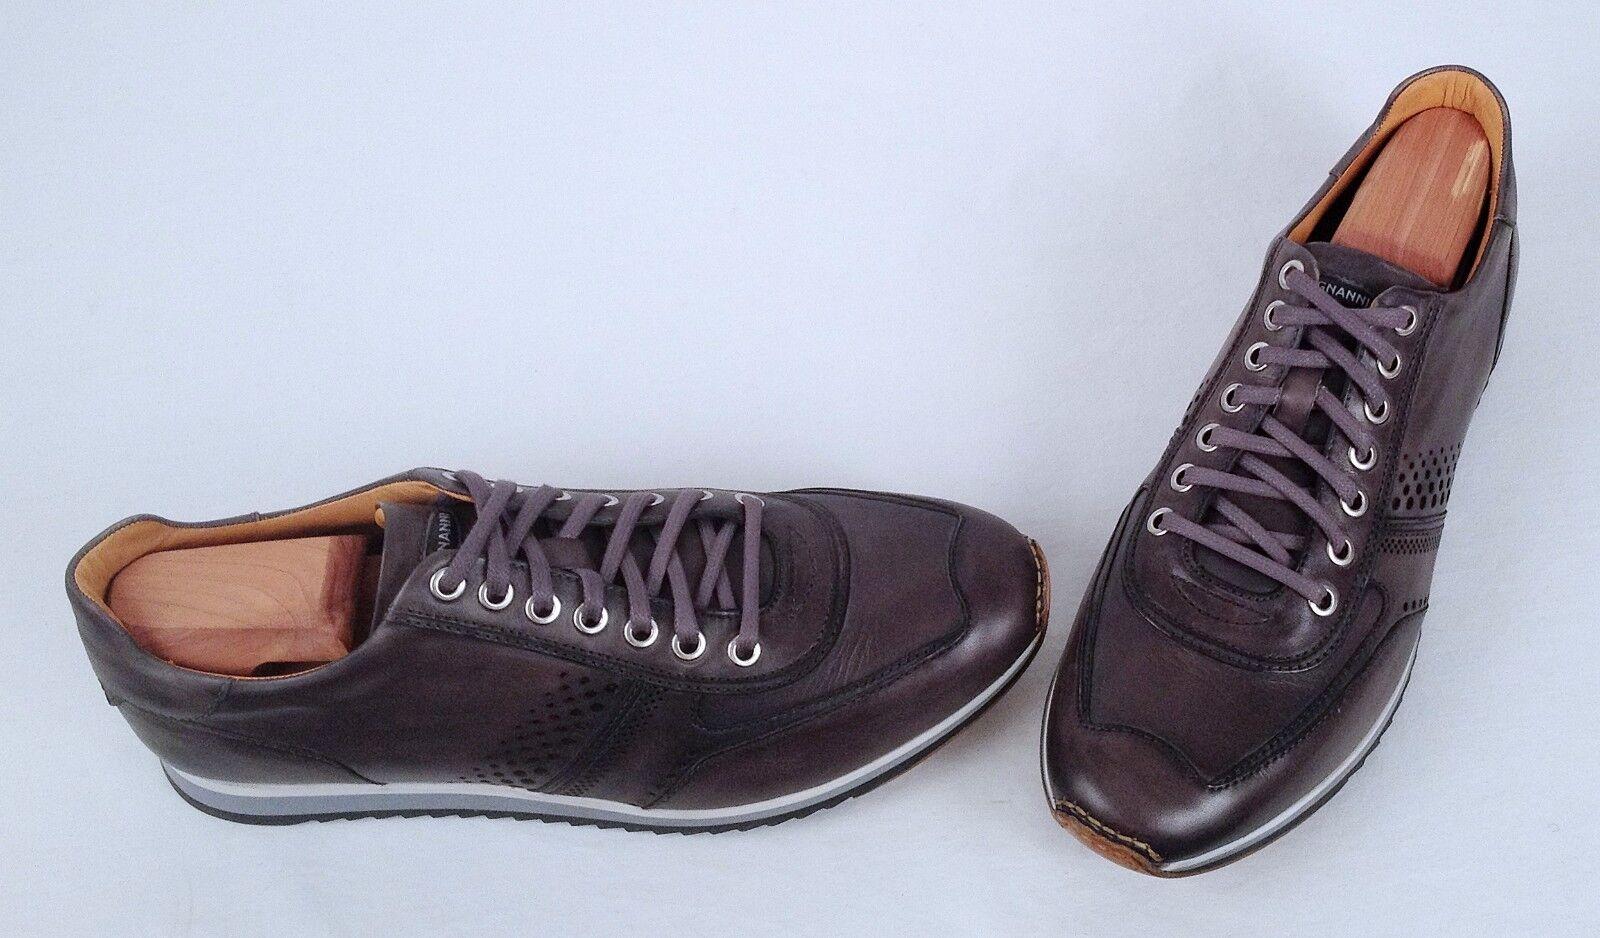 Magnanni 'Cristian' 7.5 Sneaker- Grigio- Size 7.5 'Cristian' M  $350  (C7) cfa34d